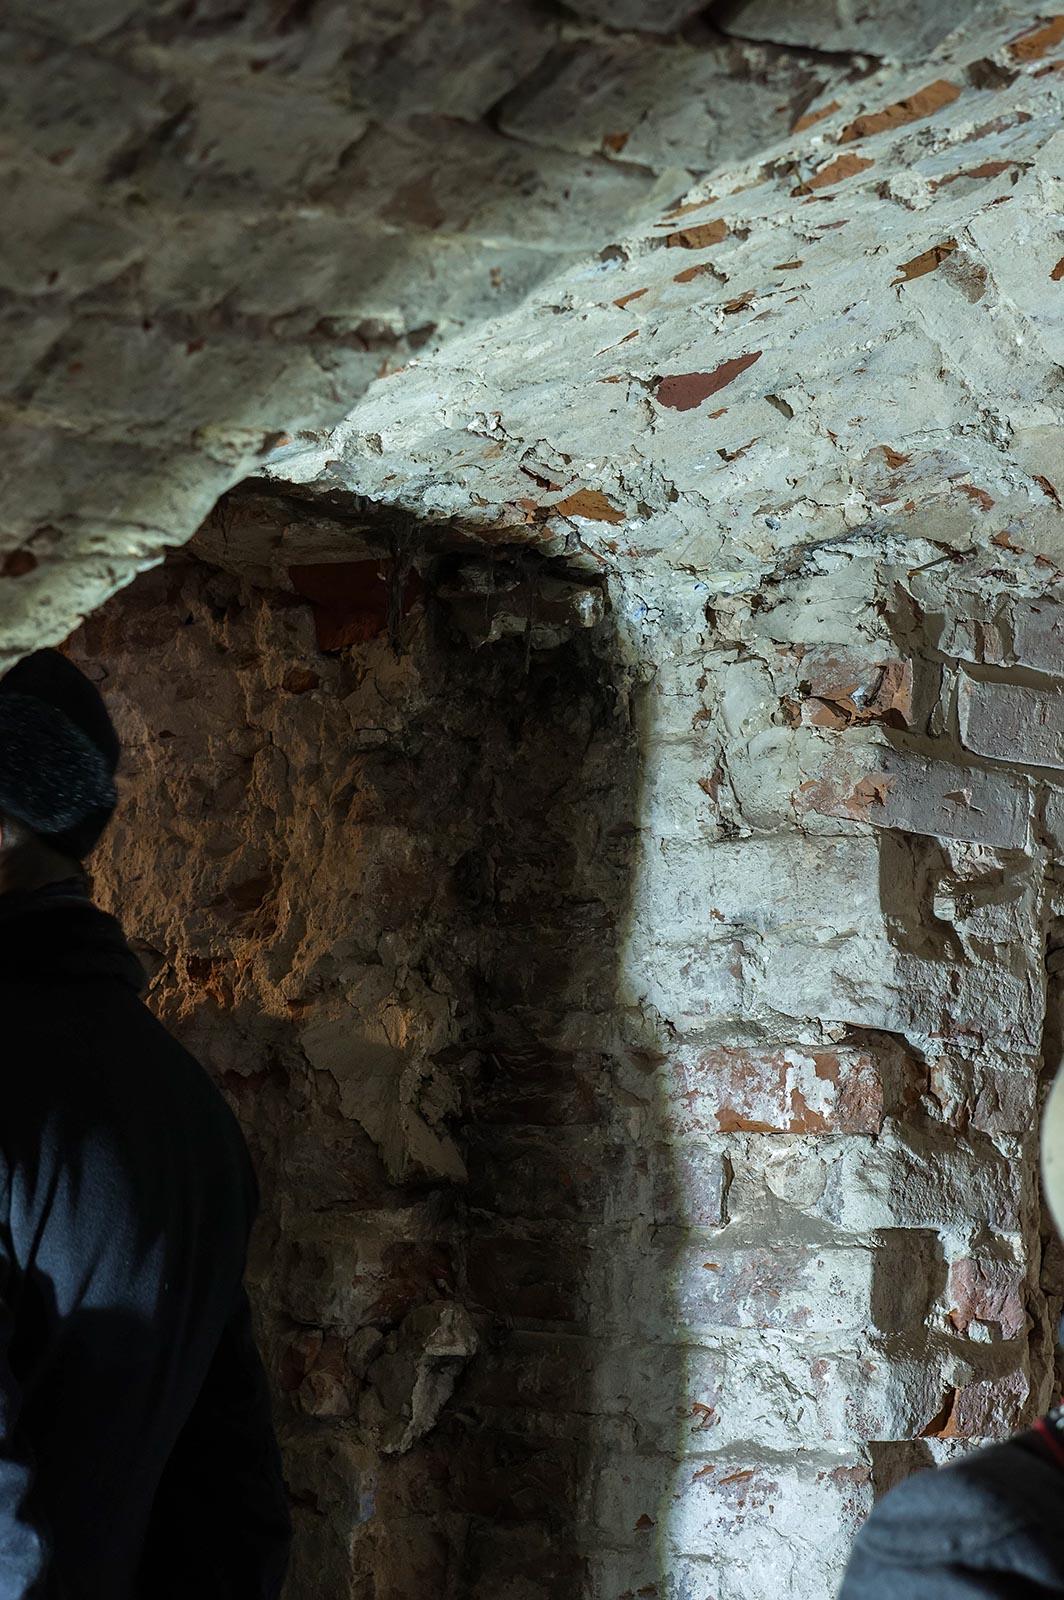 Фото №136786. Фрагмент кирпичной кладки, после снятия штукатурки. Дверной проем и часть сводчатого потолка